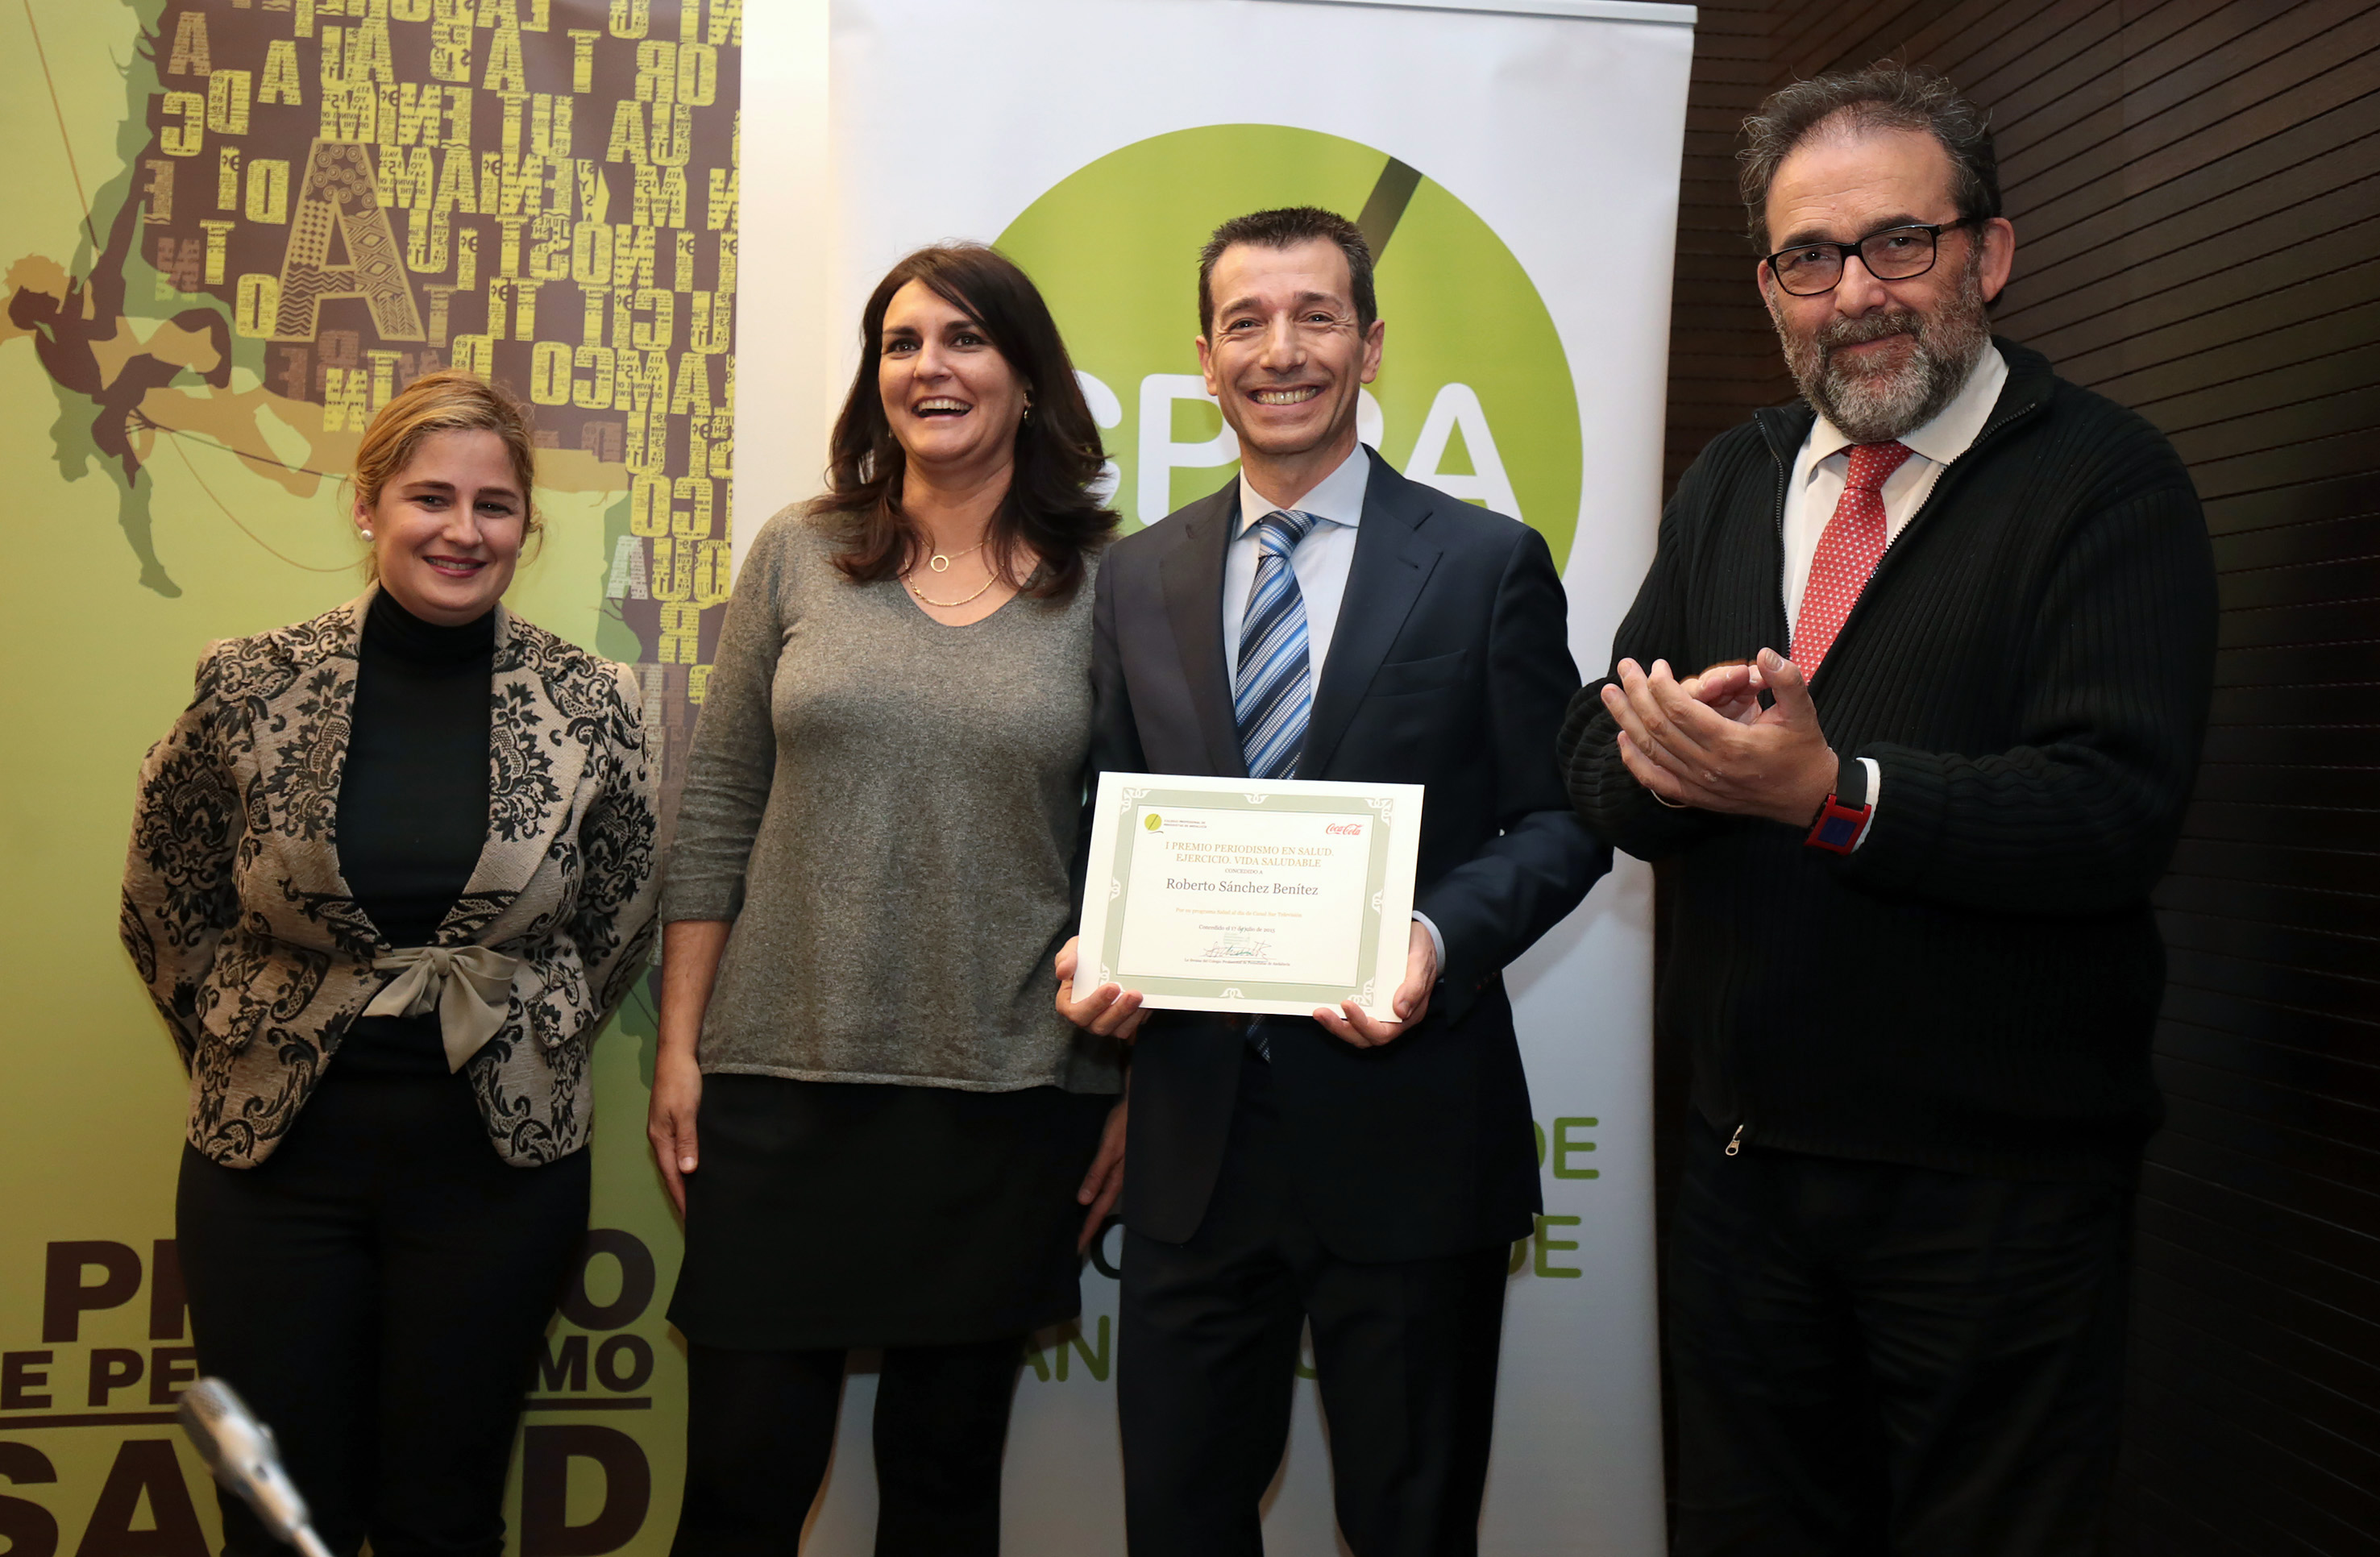 De izquierda a derecha en la image, Beatriz Codes, Eva B. Navarrete, Roberto Sánchez y Antonio Manfredi